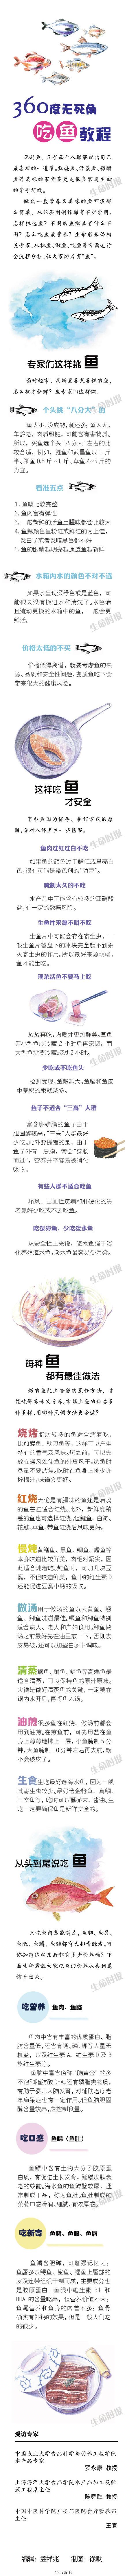 """360度无死角""""吃鱼""""教程 - 锦上添花 - 錦上添花 blog."""